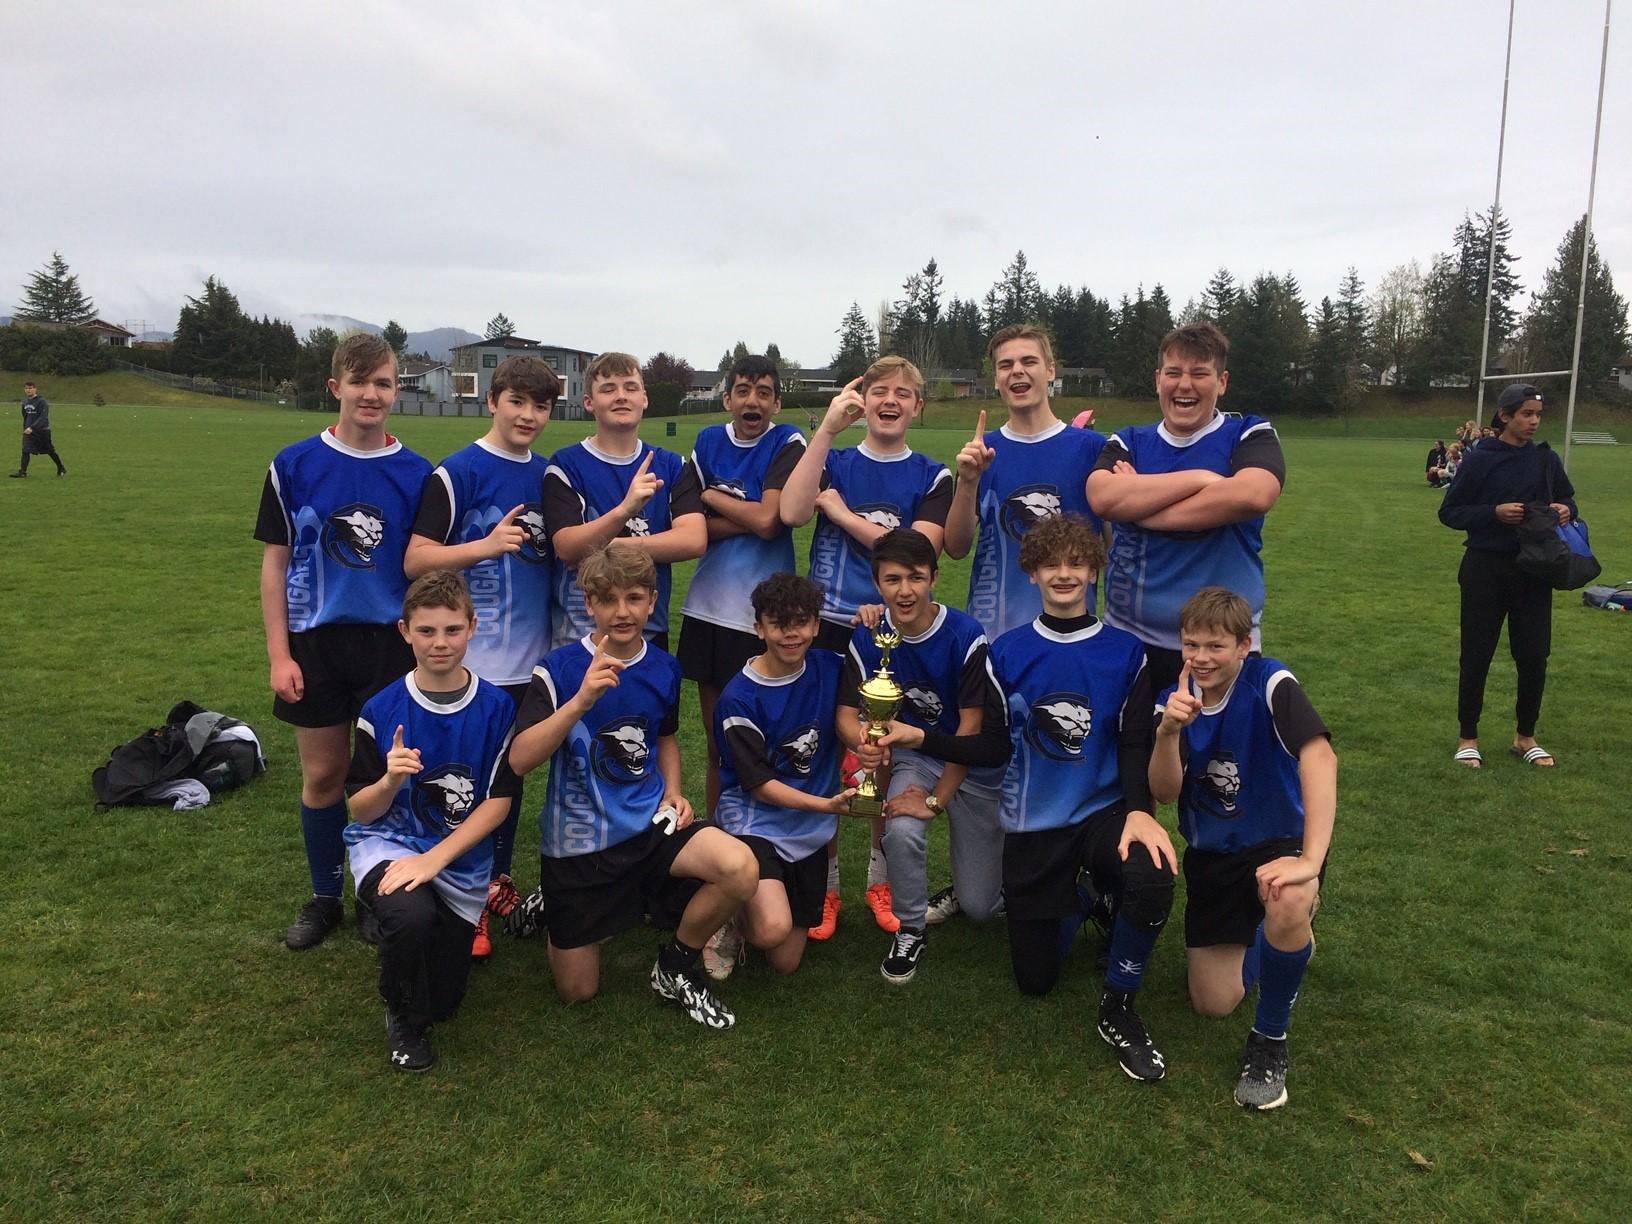 Clayburn Gr 8 Boys 2019 Sevens Champs